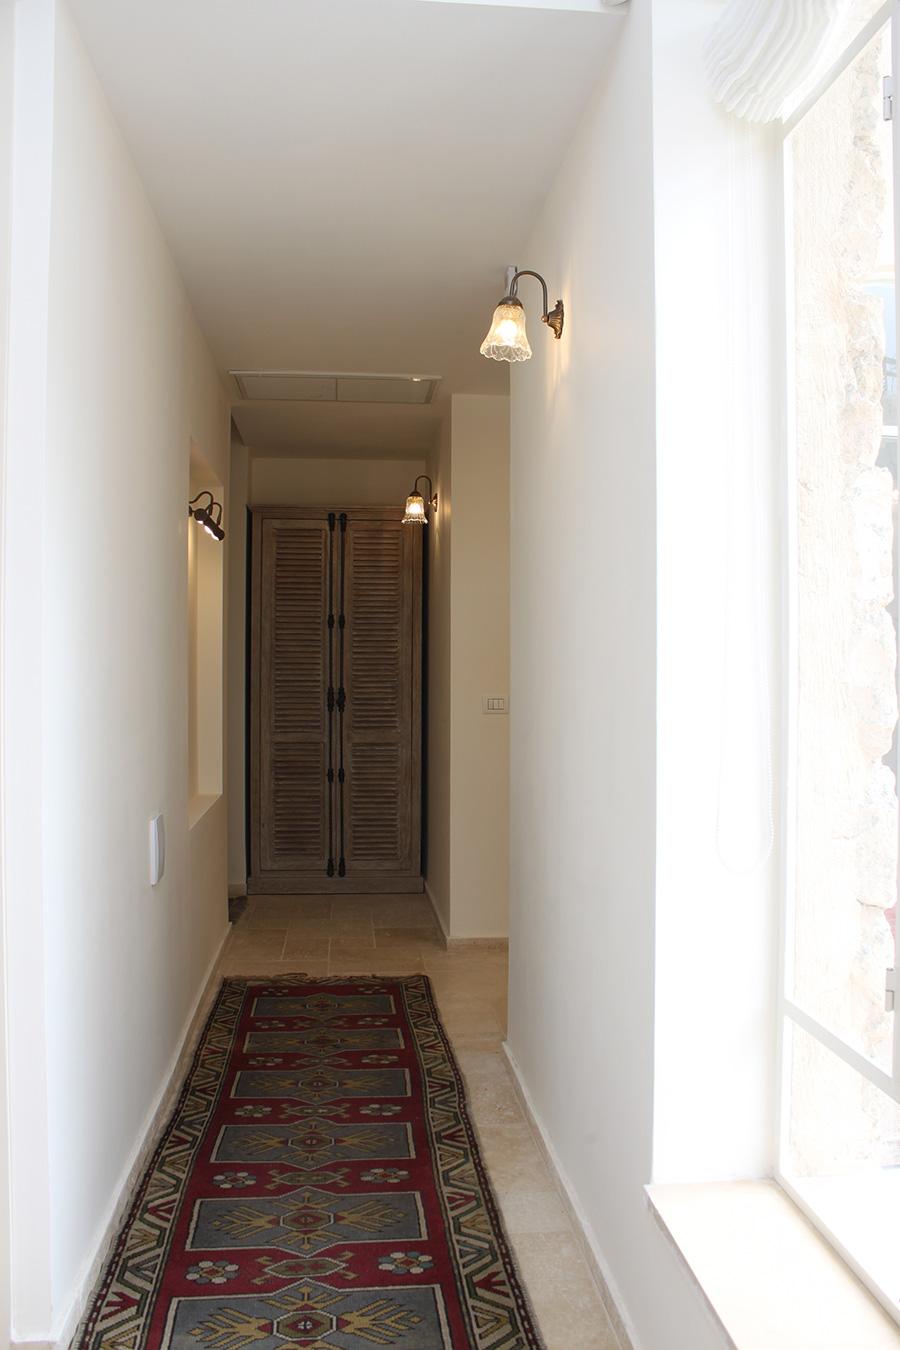 גוף תאורה מצוד קיר למסדרון